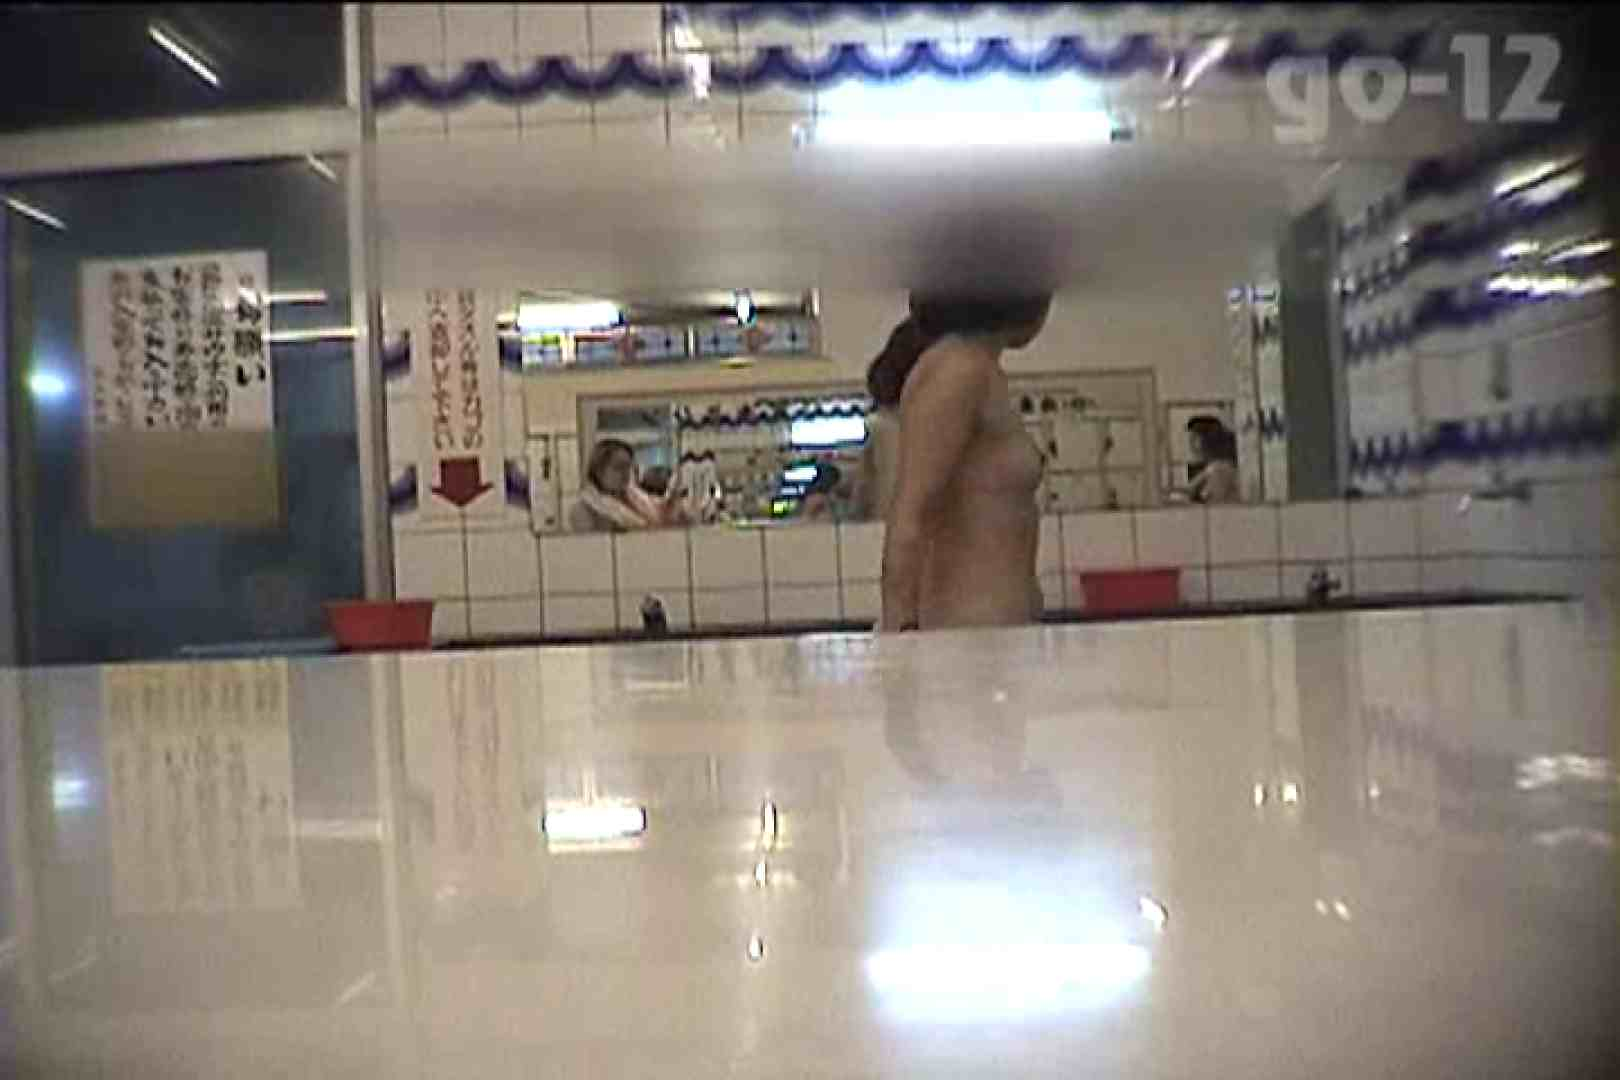 電波カメラ設置浴場からの防HAN映像 Vol.12 盗撮 | OLのボディ  82PIX 46